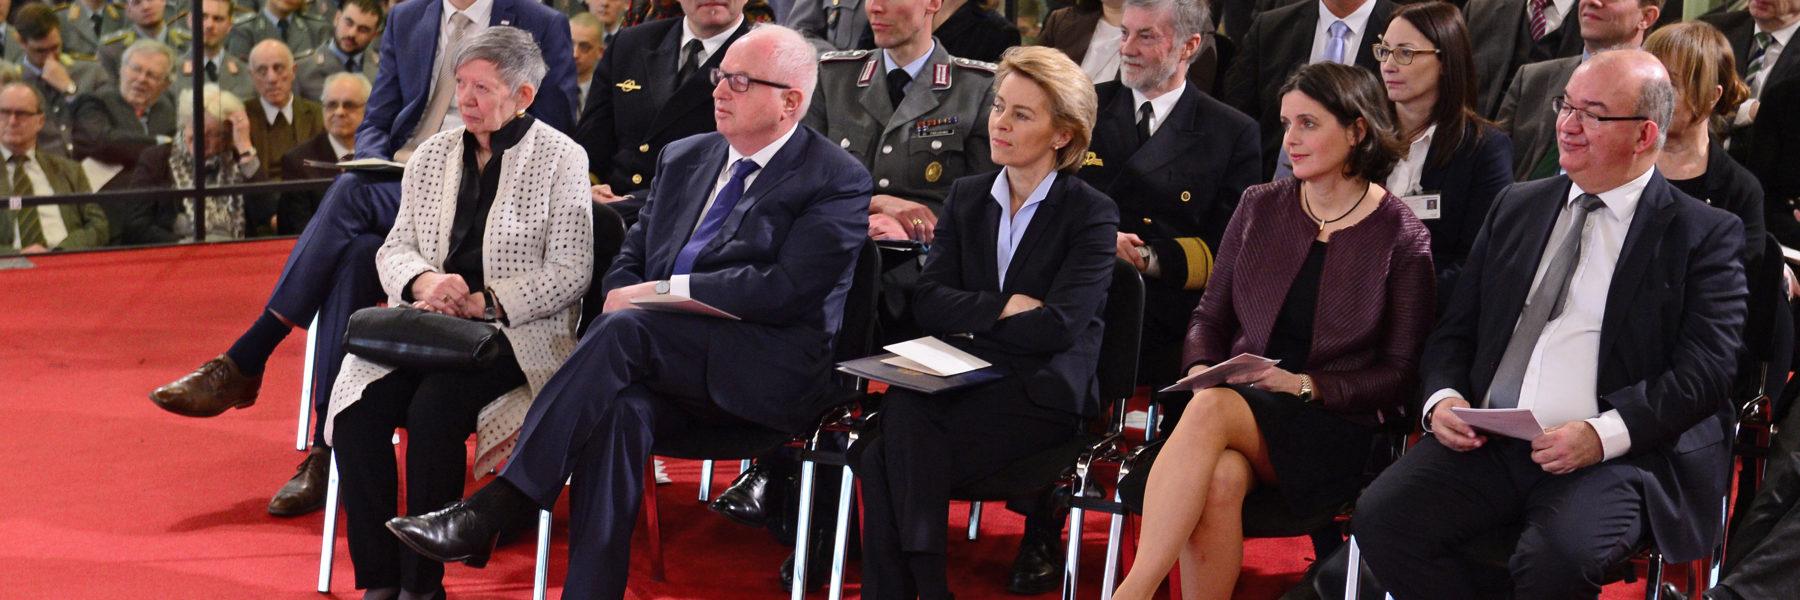 Festakt zur Übergabe des Präsidentenamtes am 23. März 2018 (Foto: Ulrike Schröder)